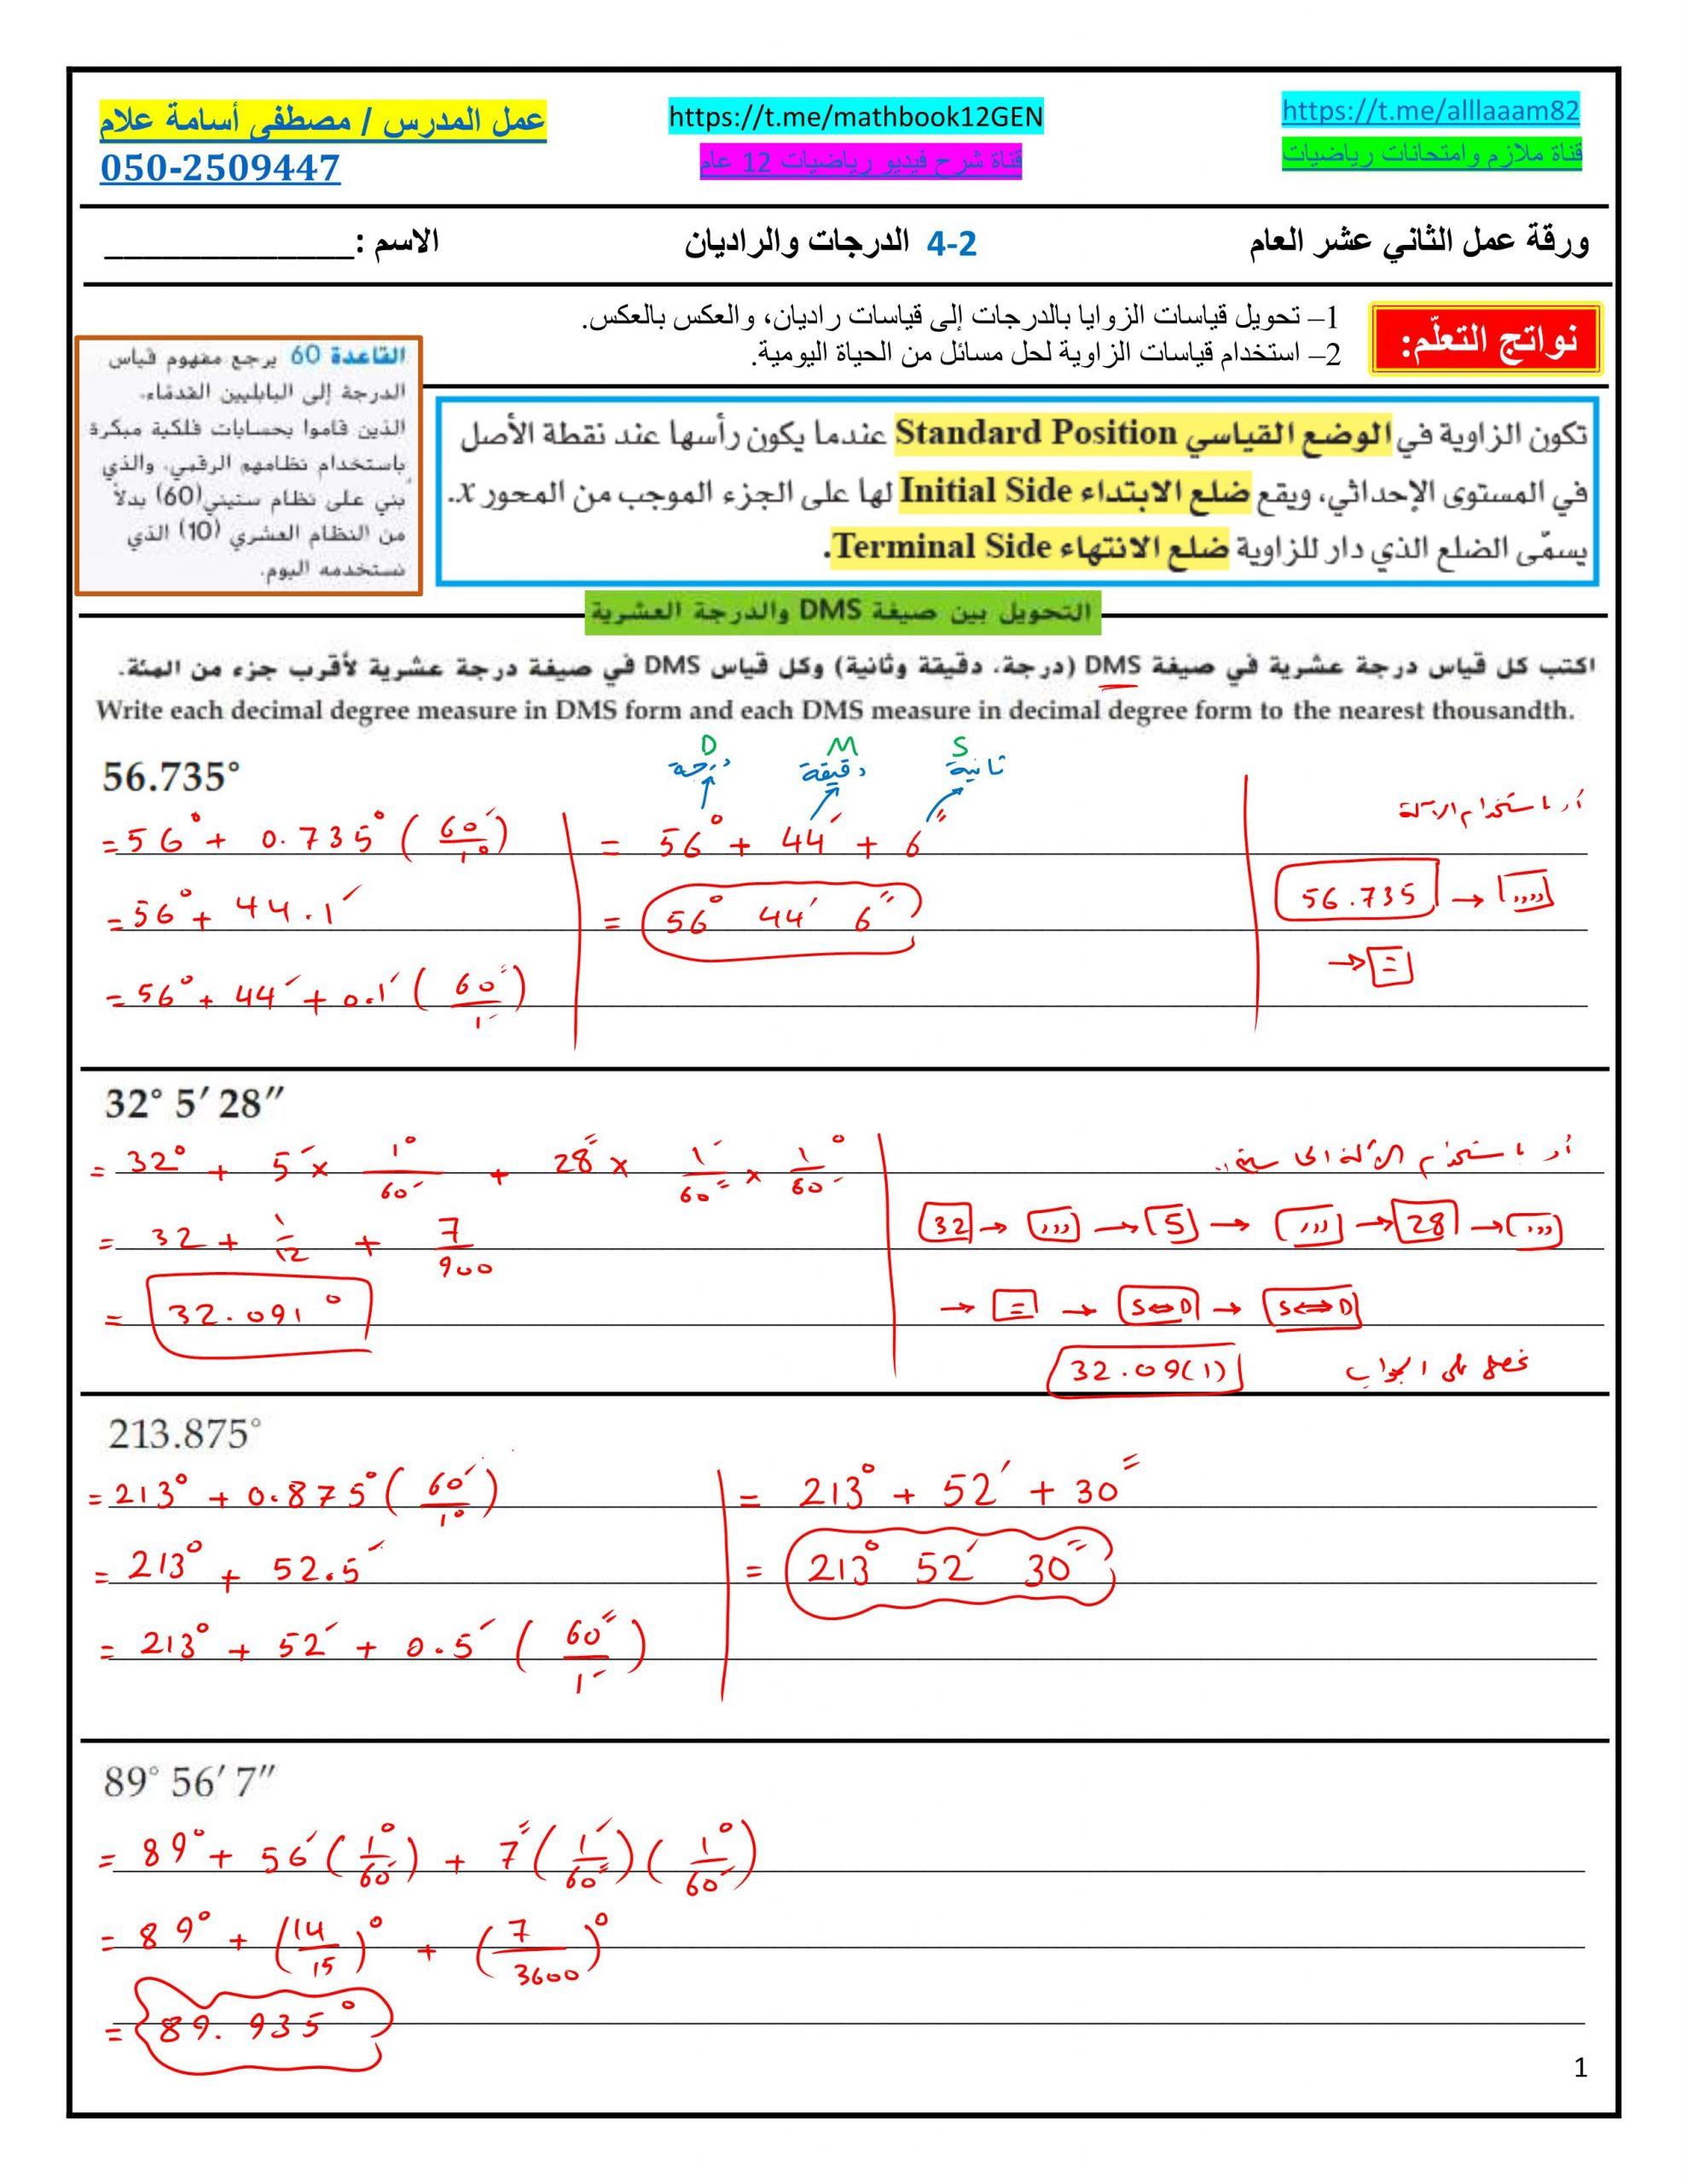 حل الدرجات والراديان الصف الثاني عشر عام مادة الرياضيات المتكاملة